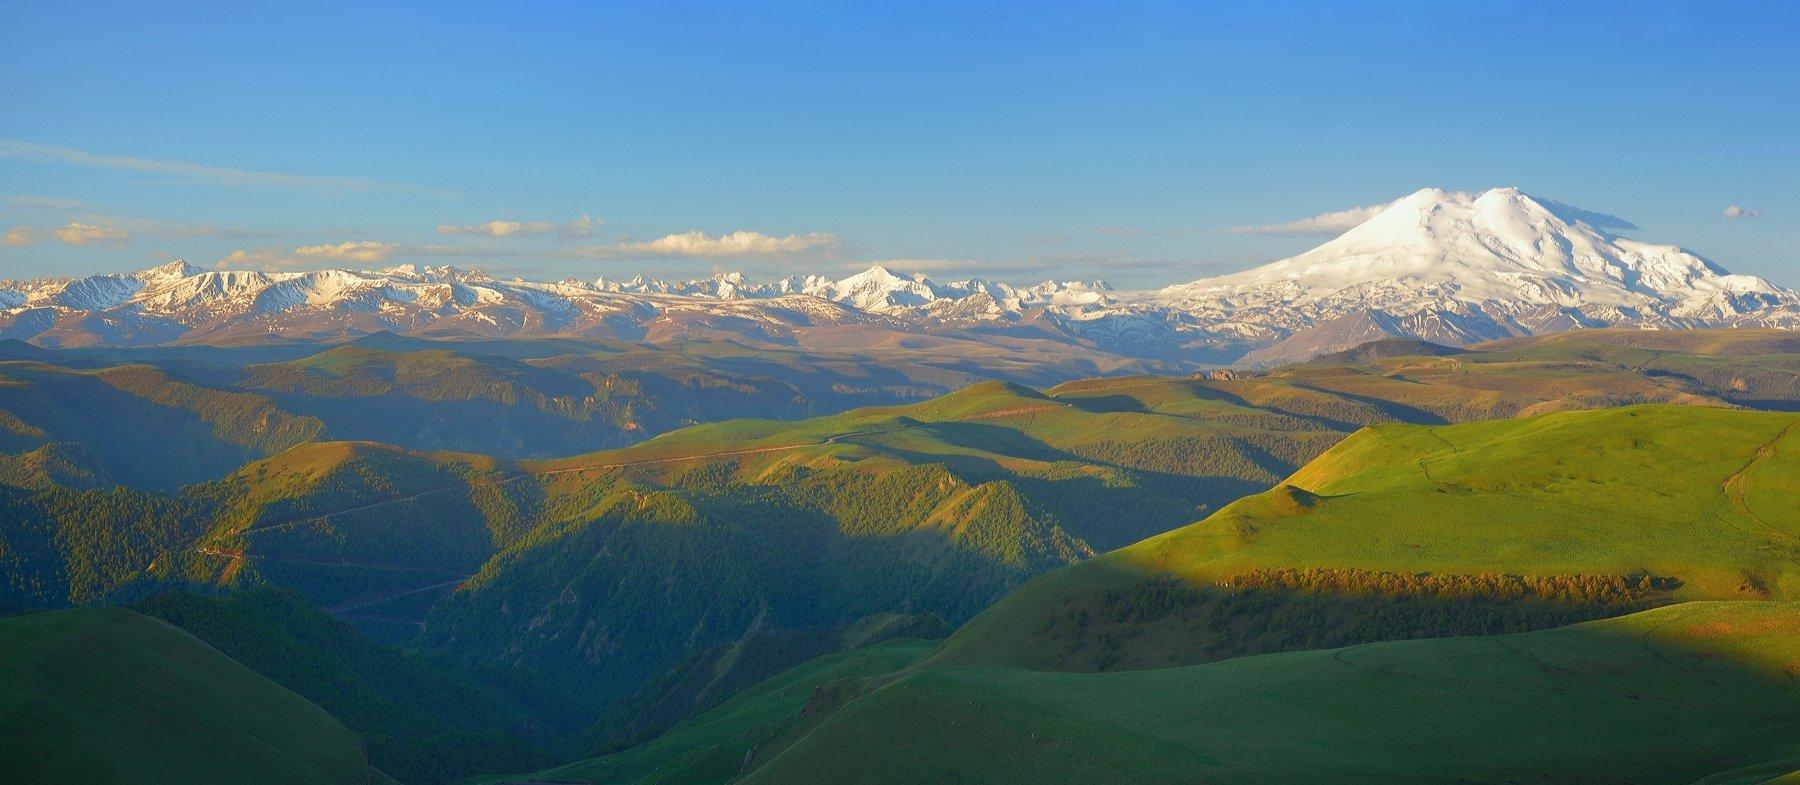 горы лето утро эльбрус, Александр Жарников